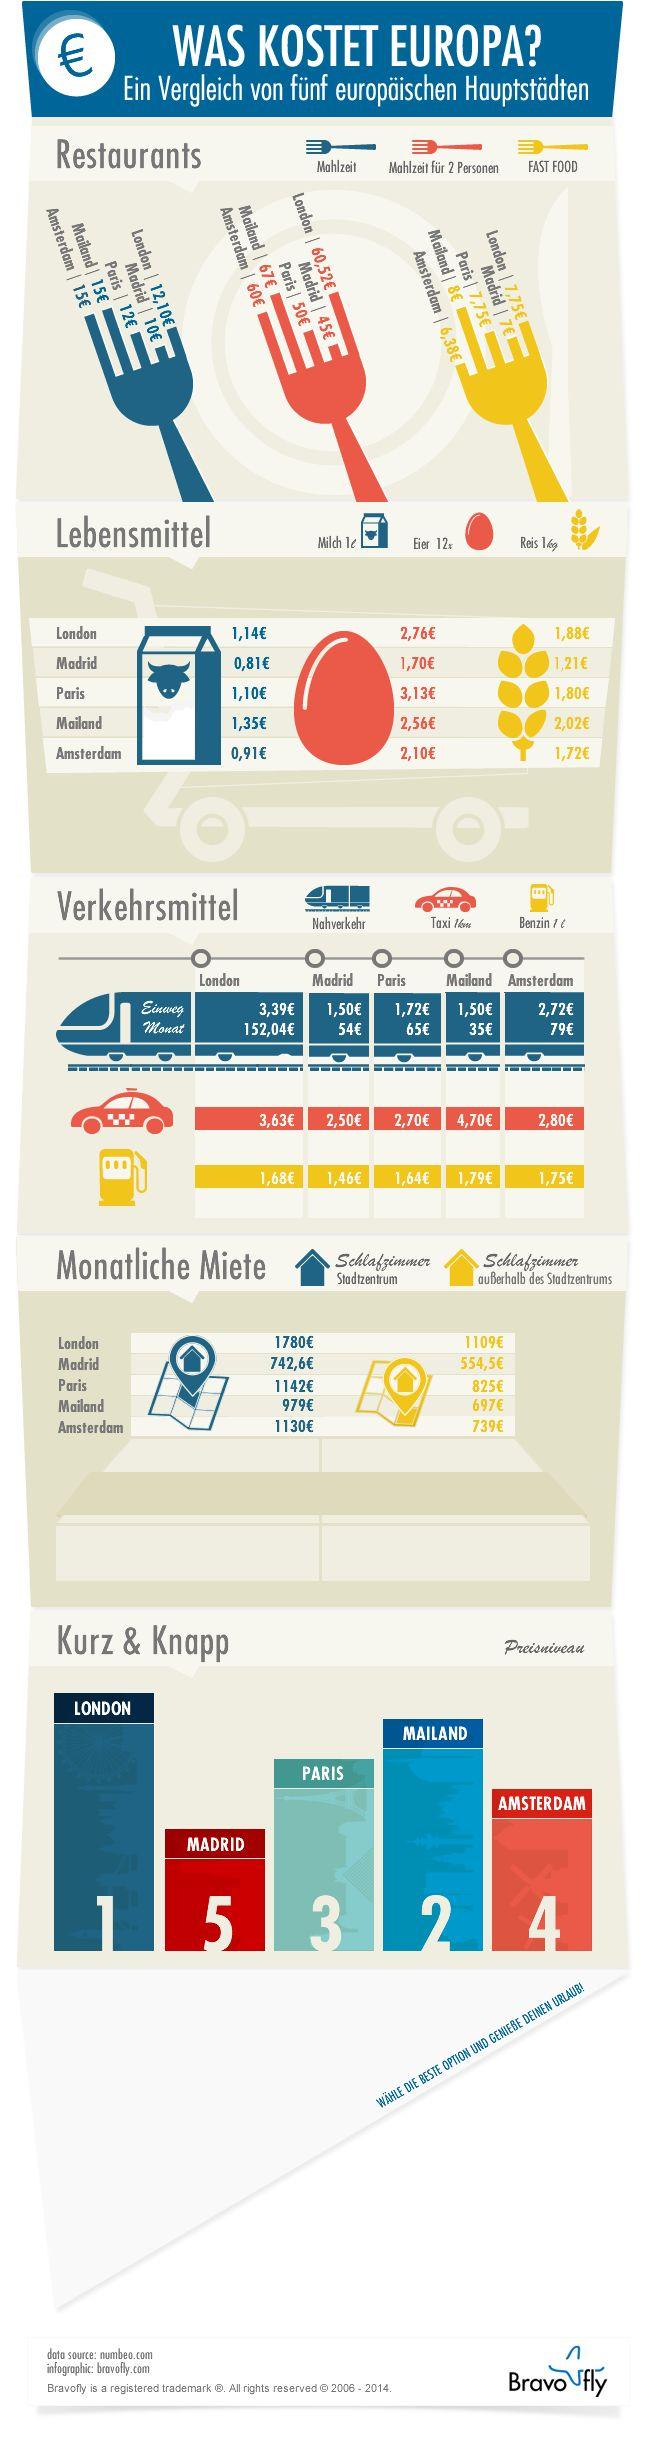 Lebenshaltungskosten der Städte London, Madrid, Paris, Mailand und Amsterdam. Europe on a budget!